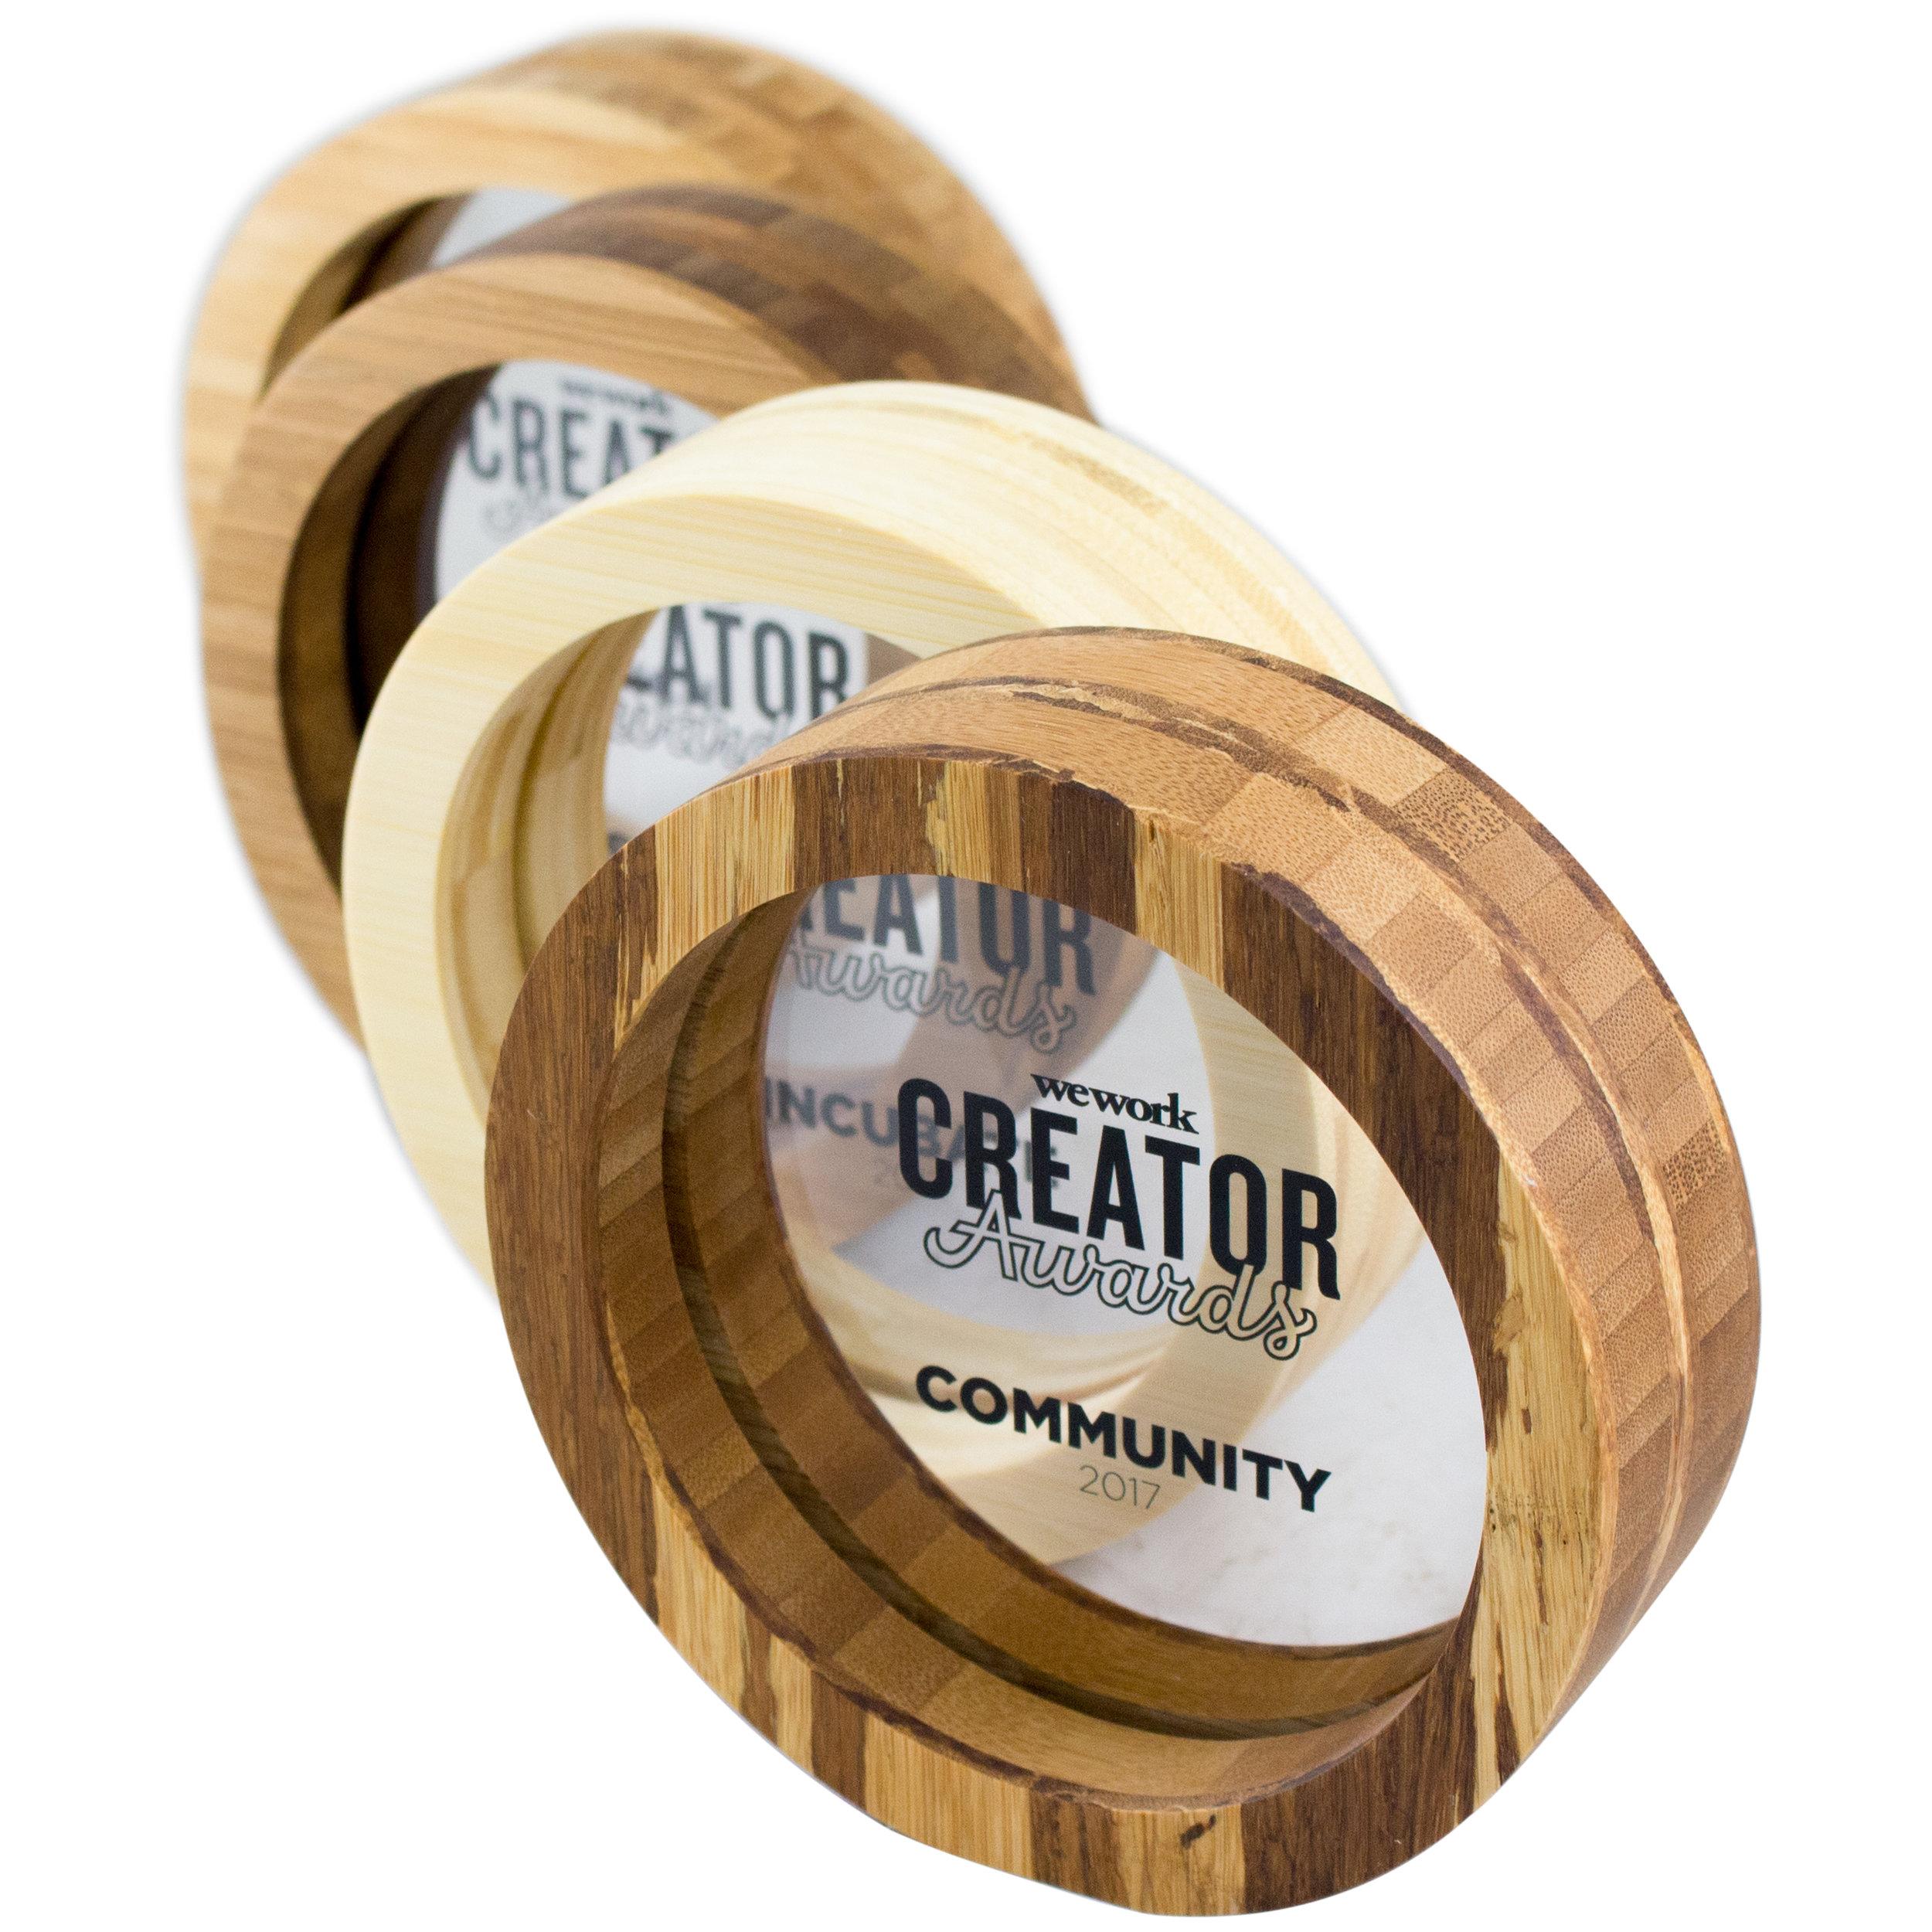 wework creator awards - custom design